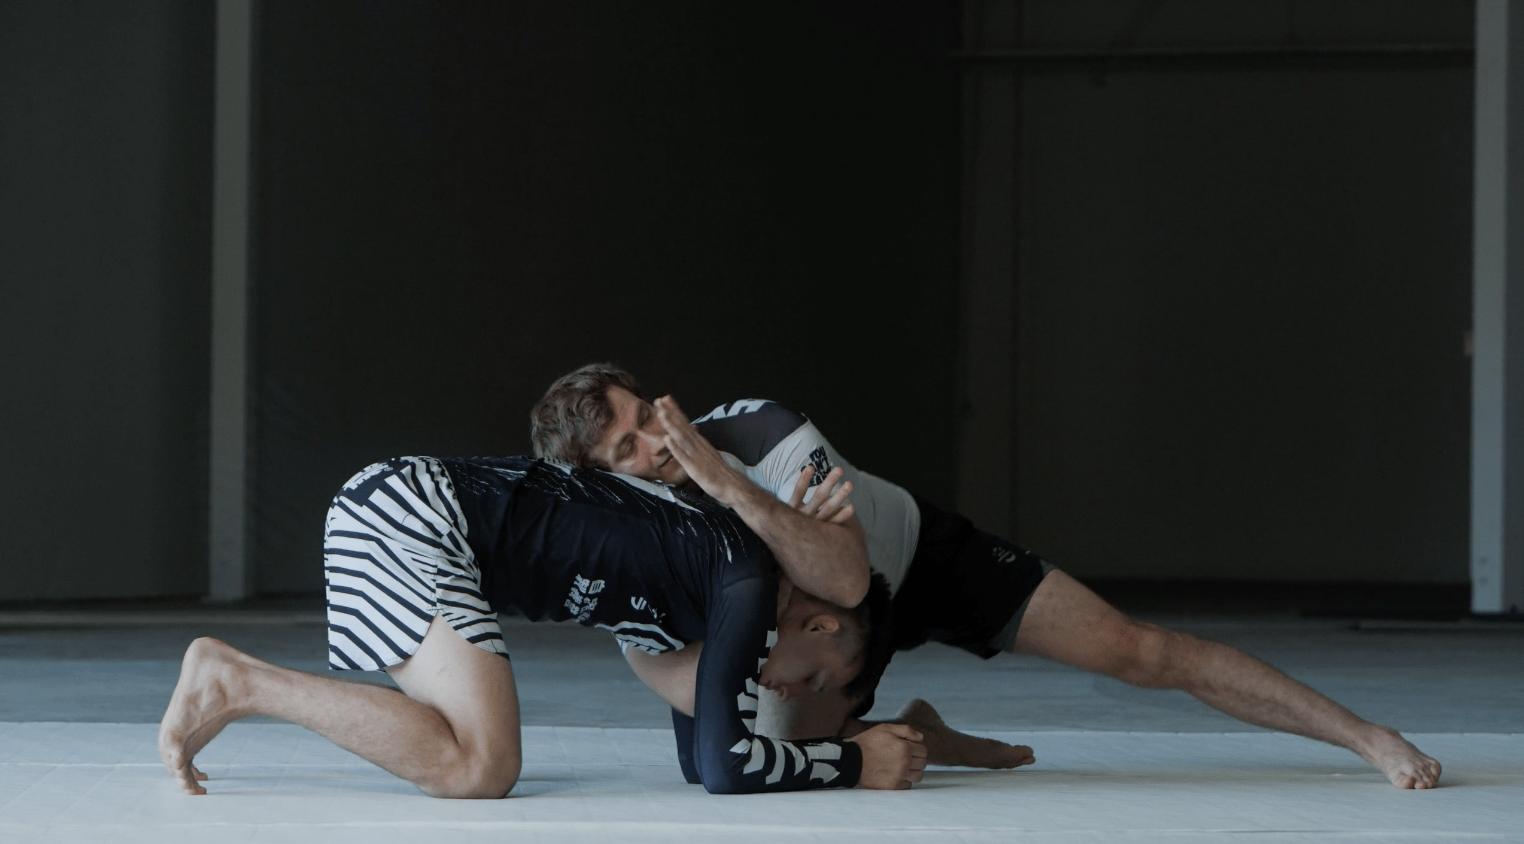 2 men doing MMA